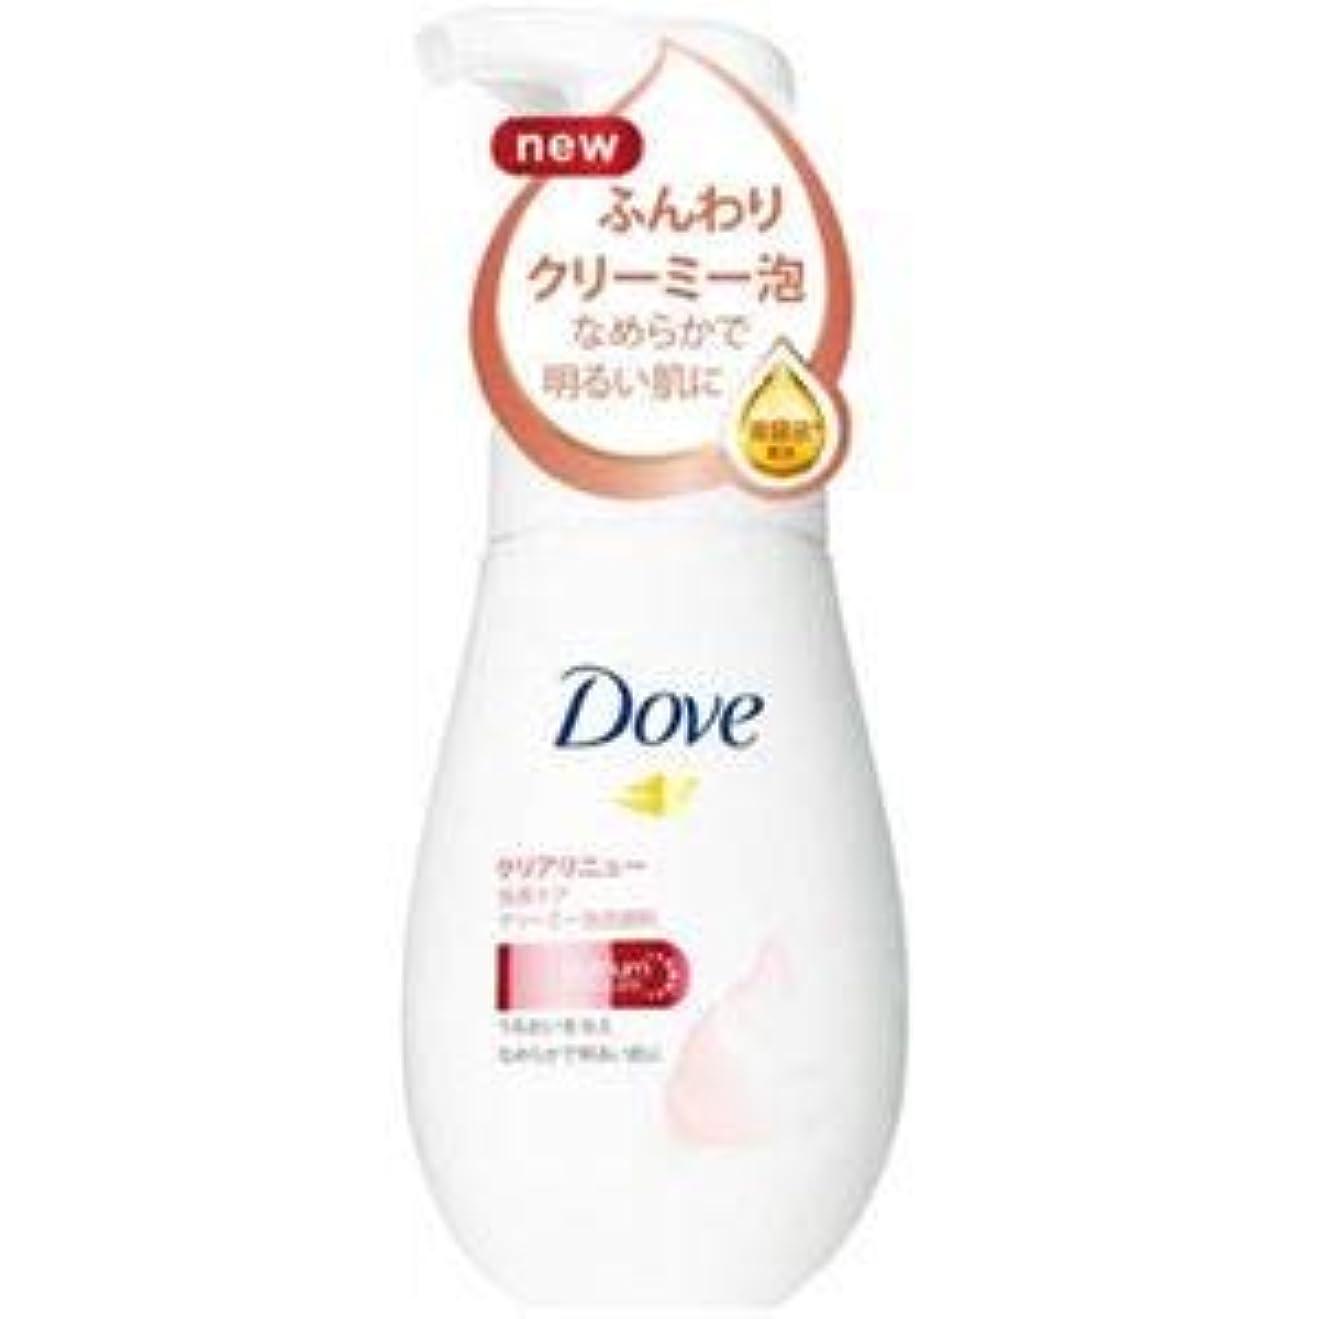 火電気陽性何よりも(まとめ)ユニリーバ Dove(ダヴ) ダヴクリアリニュークリーミー泡洗顔料 【×3点セット】